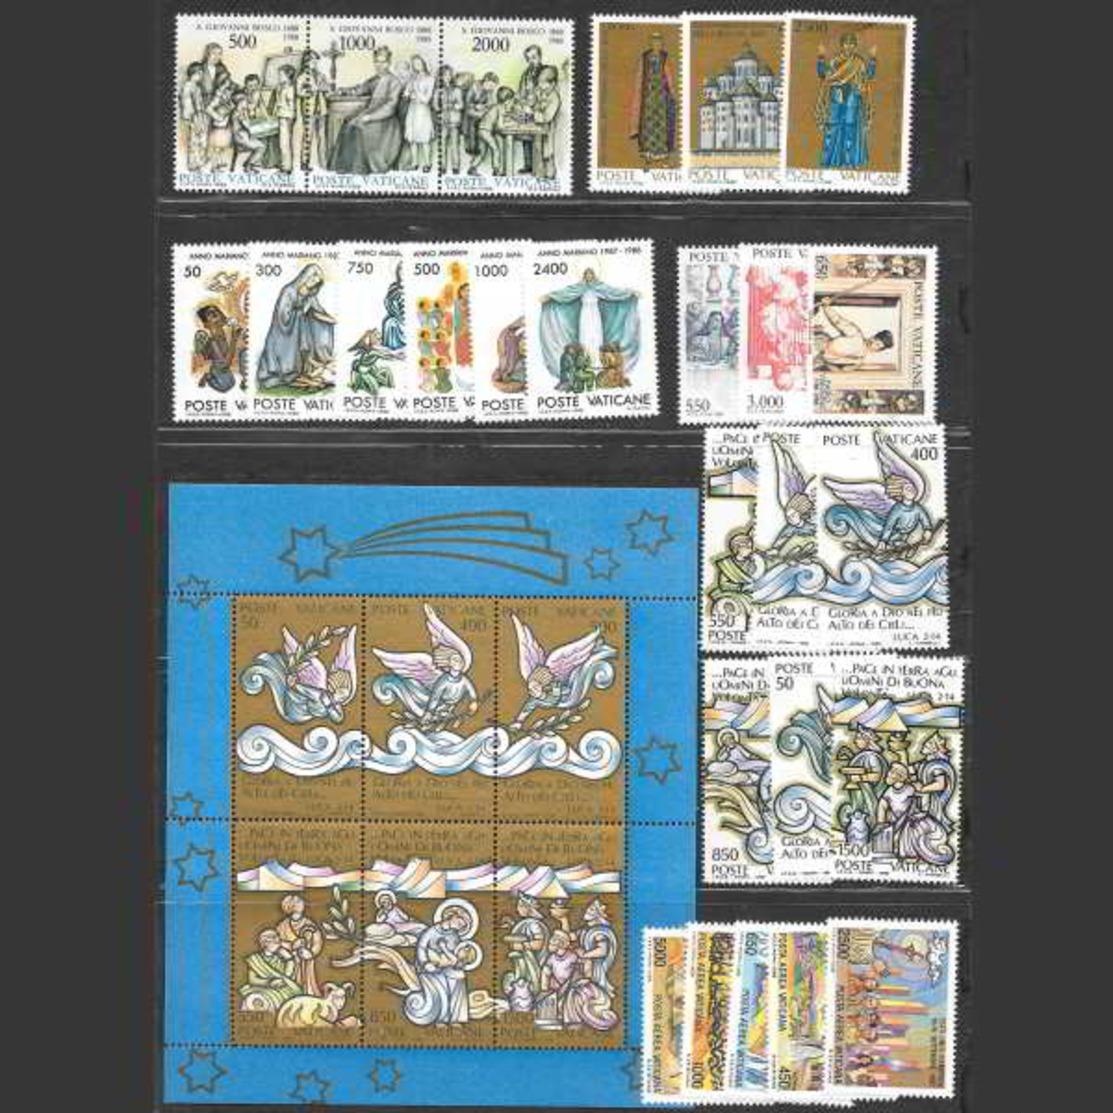 Vaticano 1988  Annata Completa Nuova/mnh** (incluso Foglietto E Posta Aerea) - Annate Complete